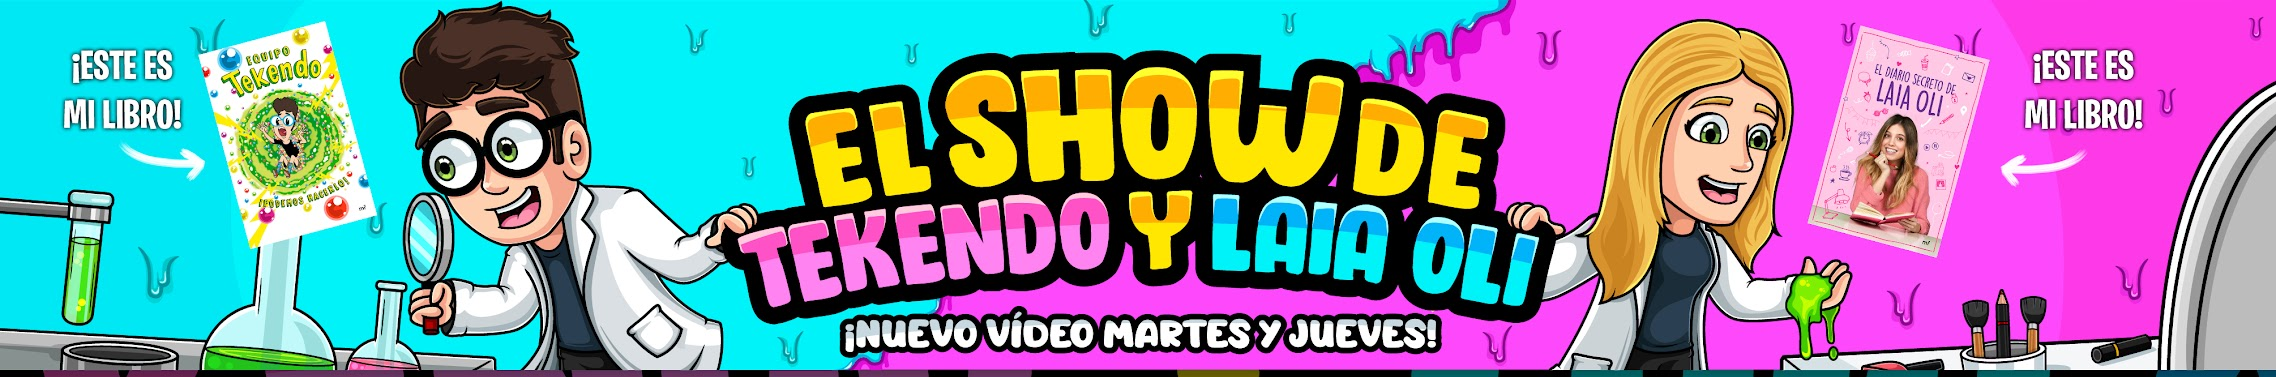 El Show De Tekendo Y Laia Oli Análise E Relatório De Canal Do Youtube Desenvolvido Por Noxinfluencer Mobile